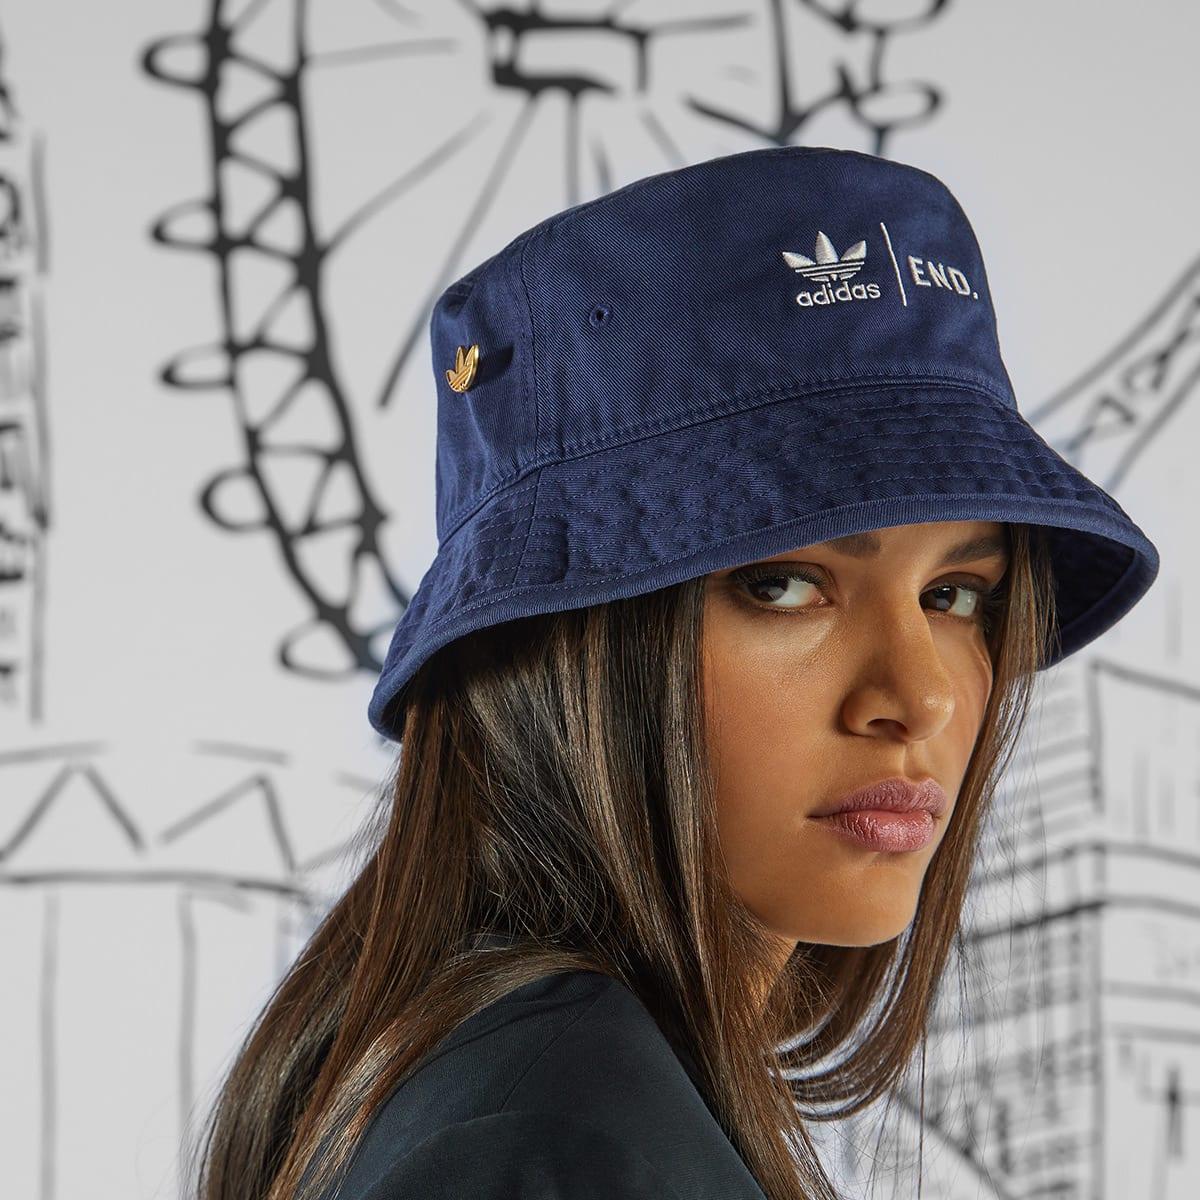 End X Adidas Three Bridges Bucket Hat Dark Blue White